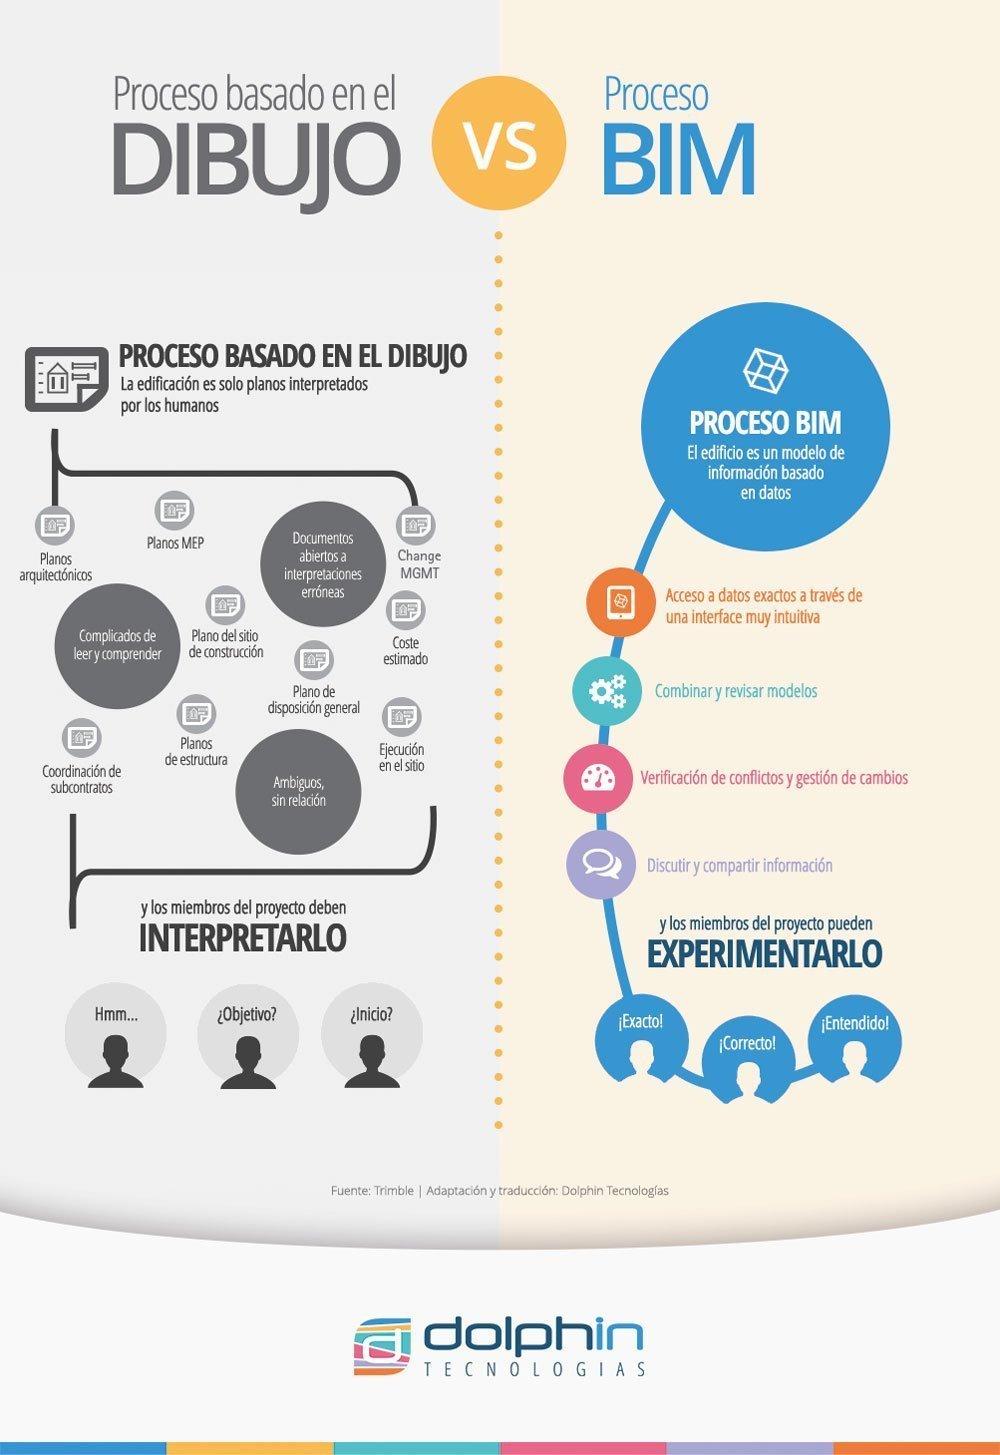 Proceso basado en el dibujo vs. Proceso BIM